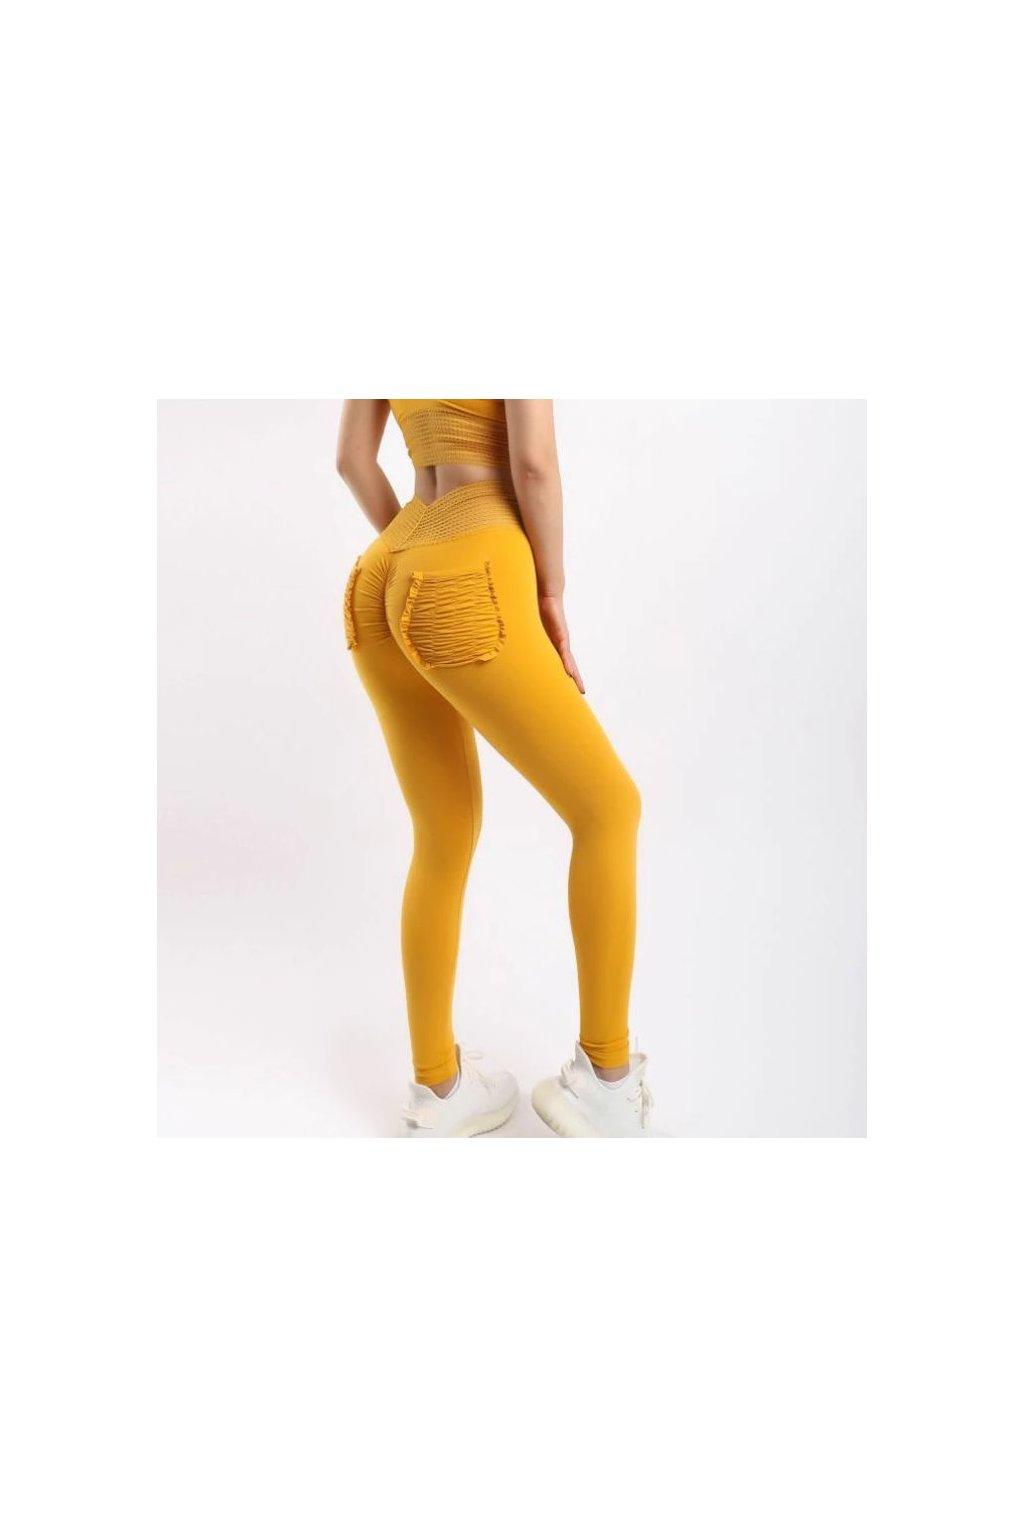 Dámské legíny Staple Elastic Yellow